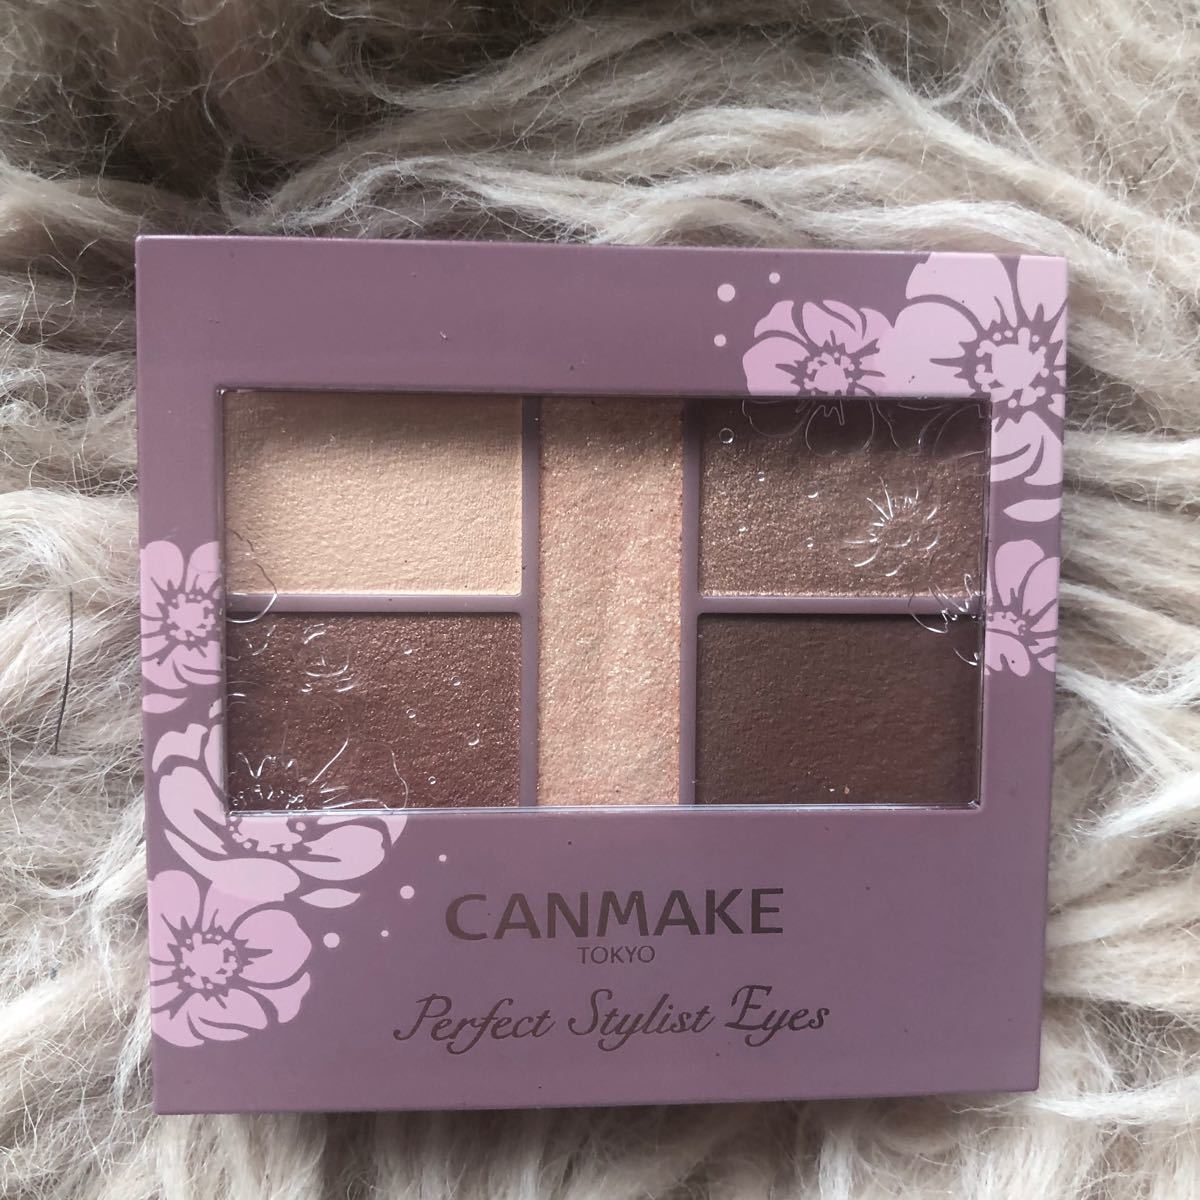 【新品未使用】CANMAKE パーフェクトスタイリストアイズ 23番